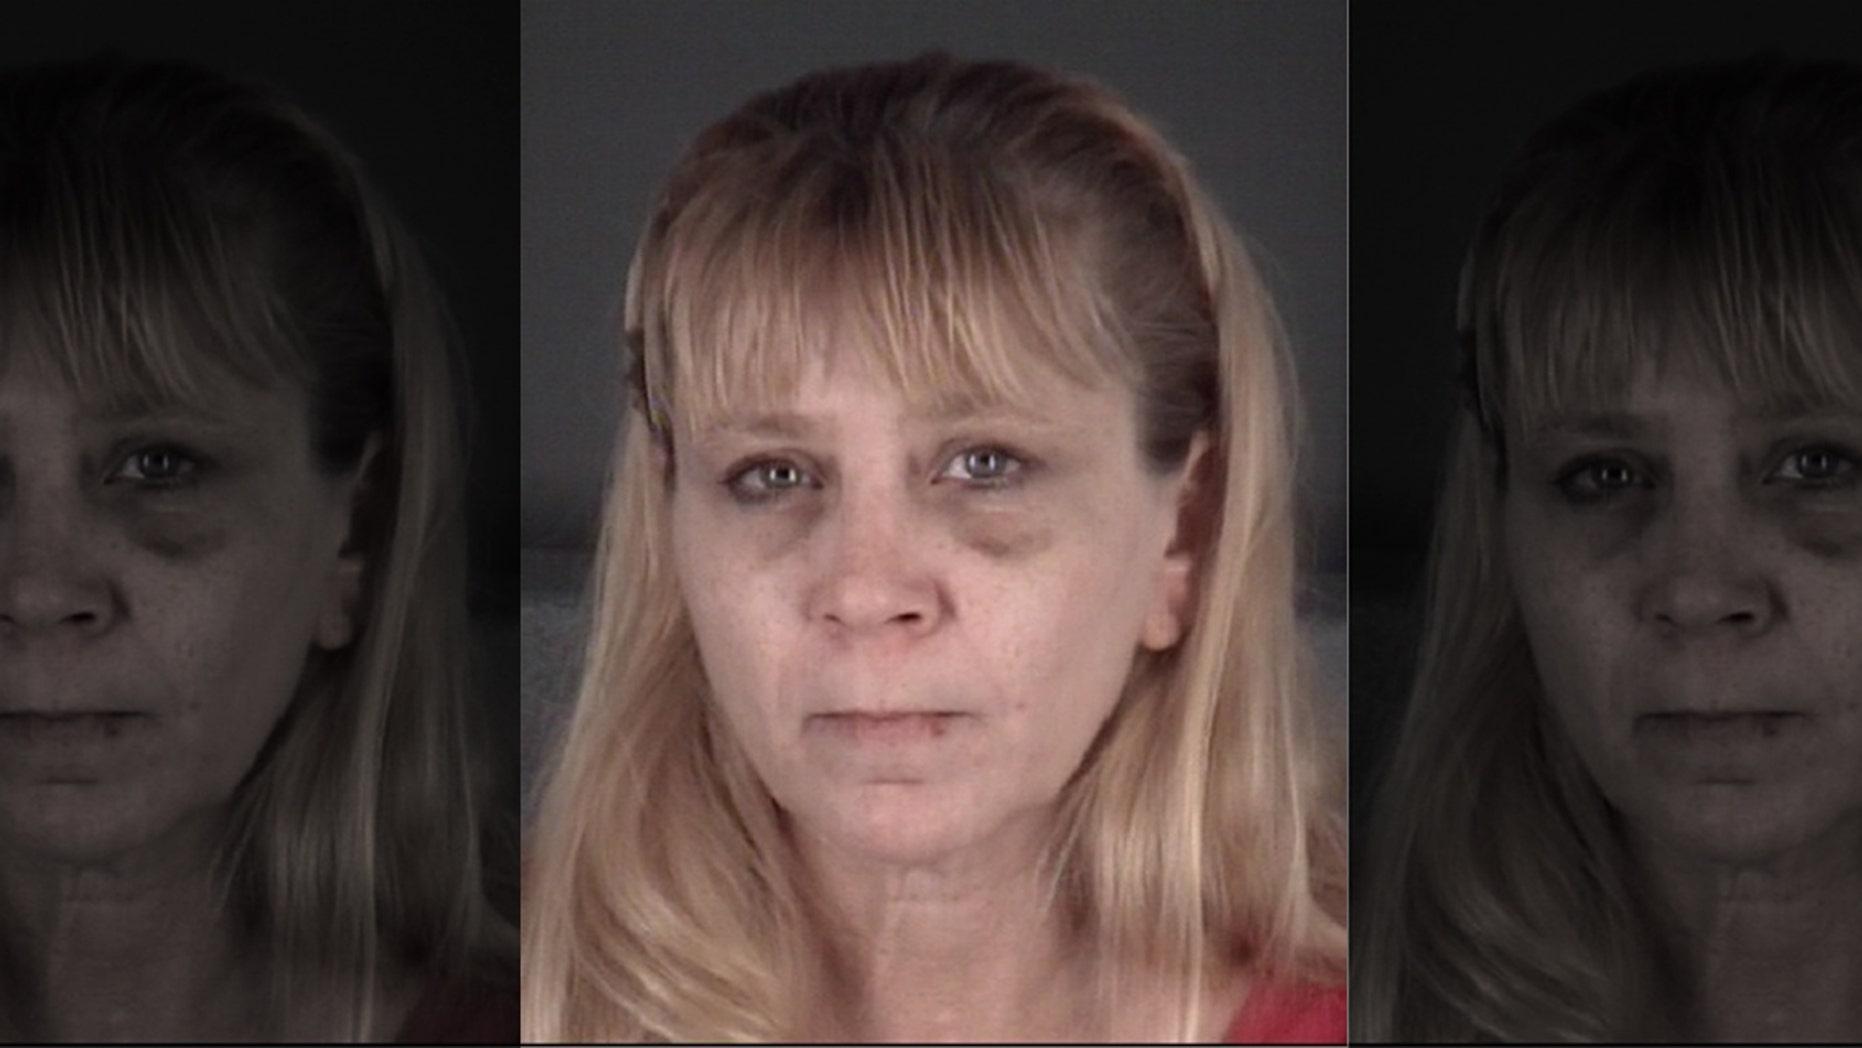 Jennifer Brassard, 48, was arrested after sheallegedly threw a frozen pork chop at her boyfriend during an argument.